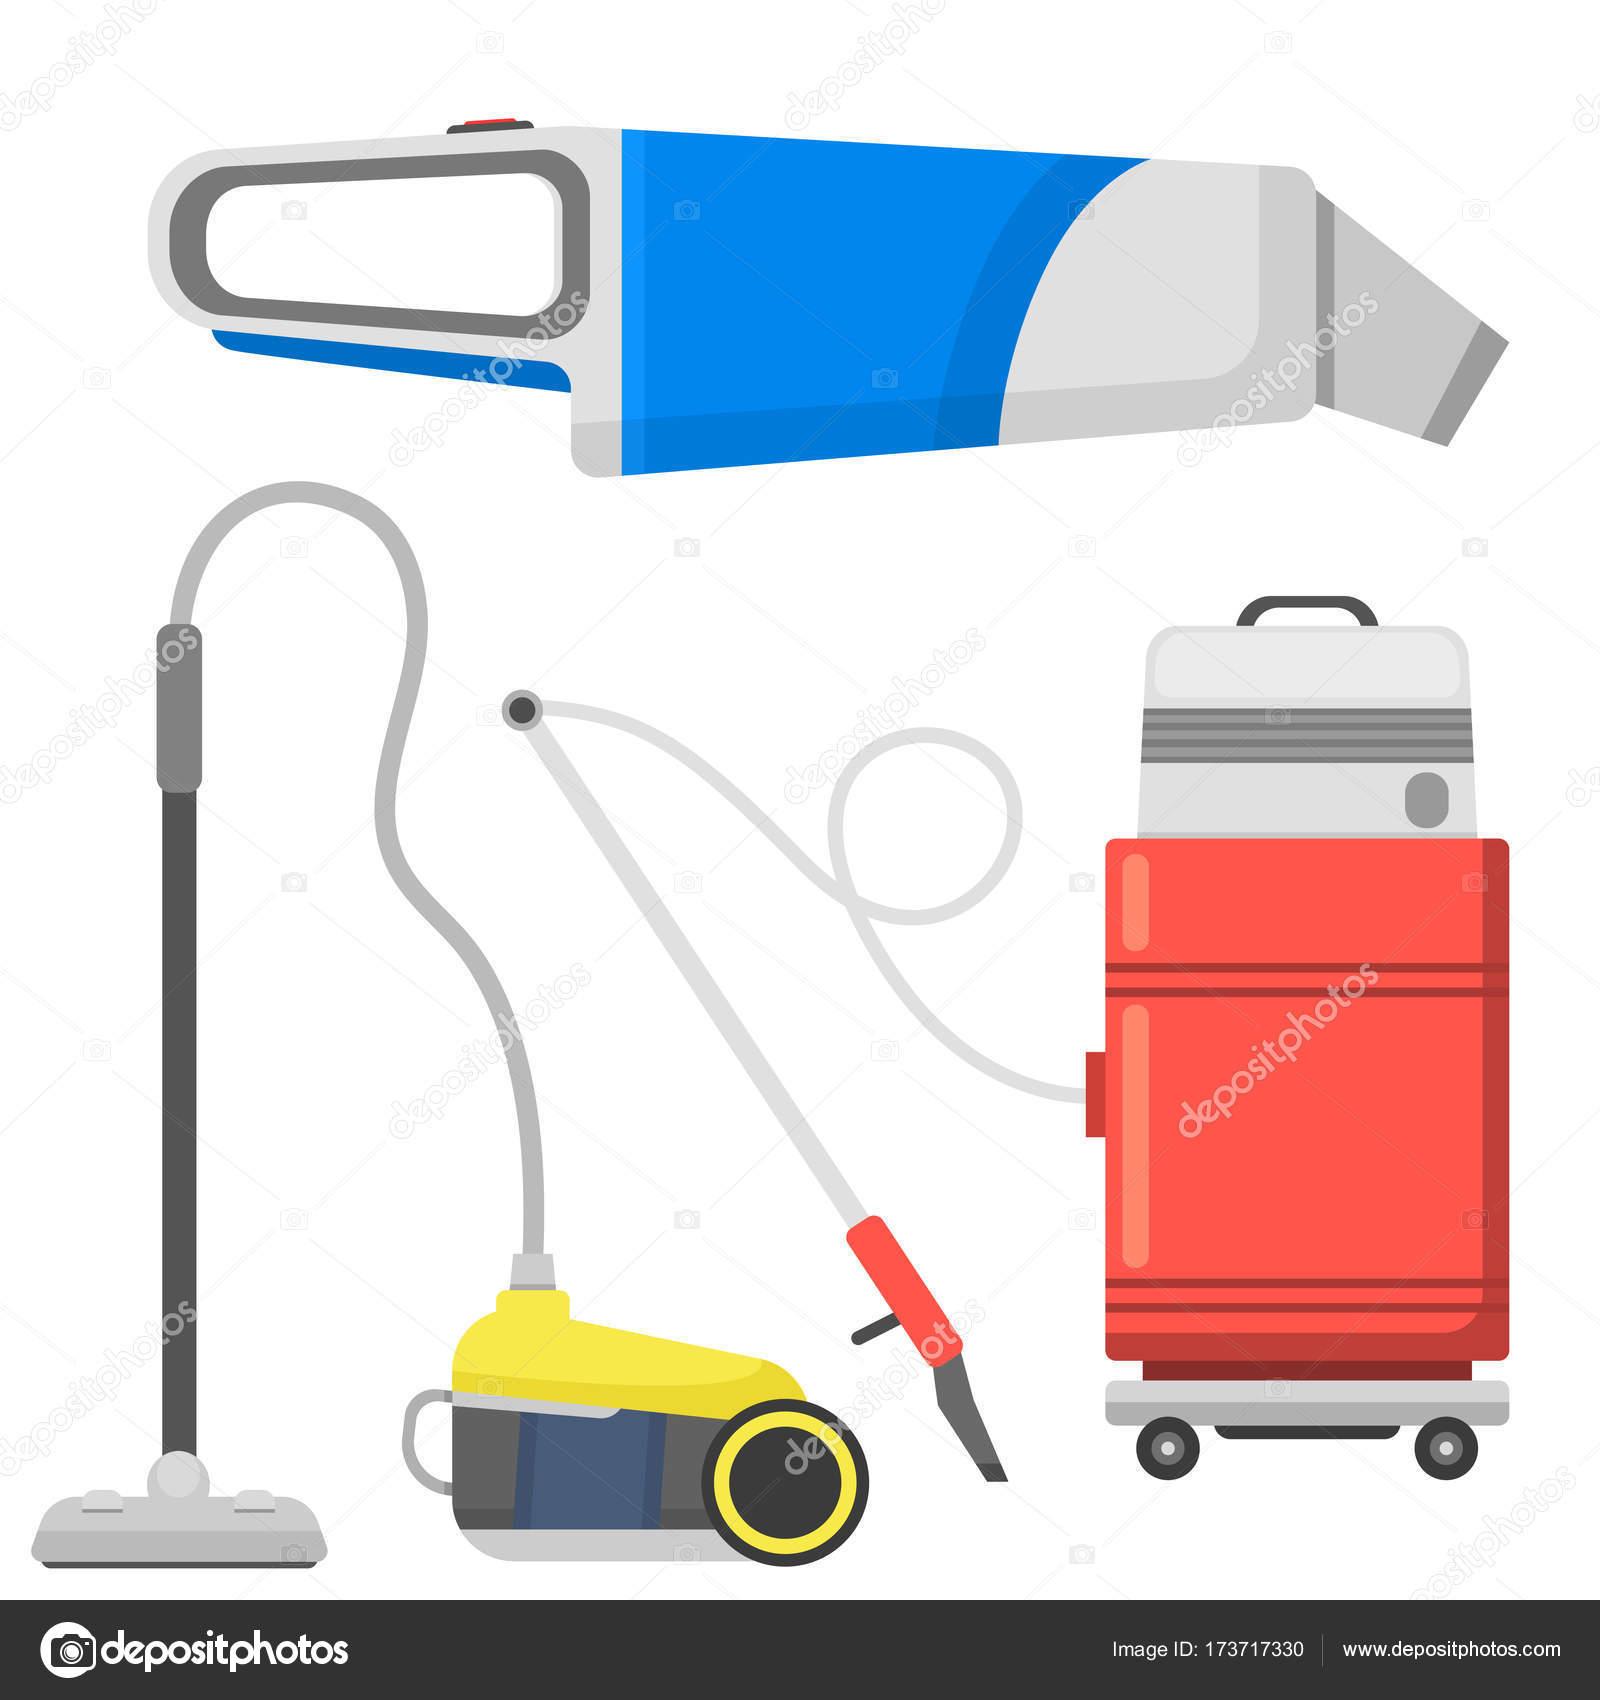 materiel maison choisir matriel musculation with materiel maison affordable vend divers. Black Bedroom Furniture Sets. Home Design Ideas